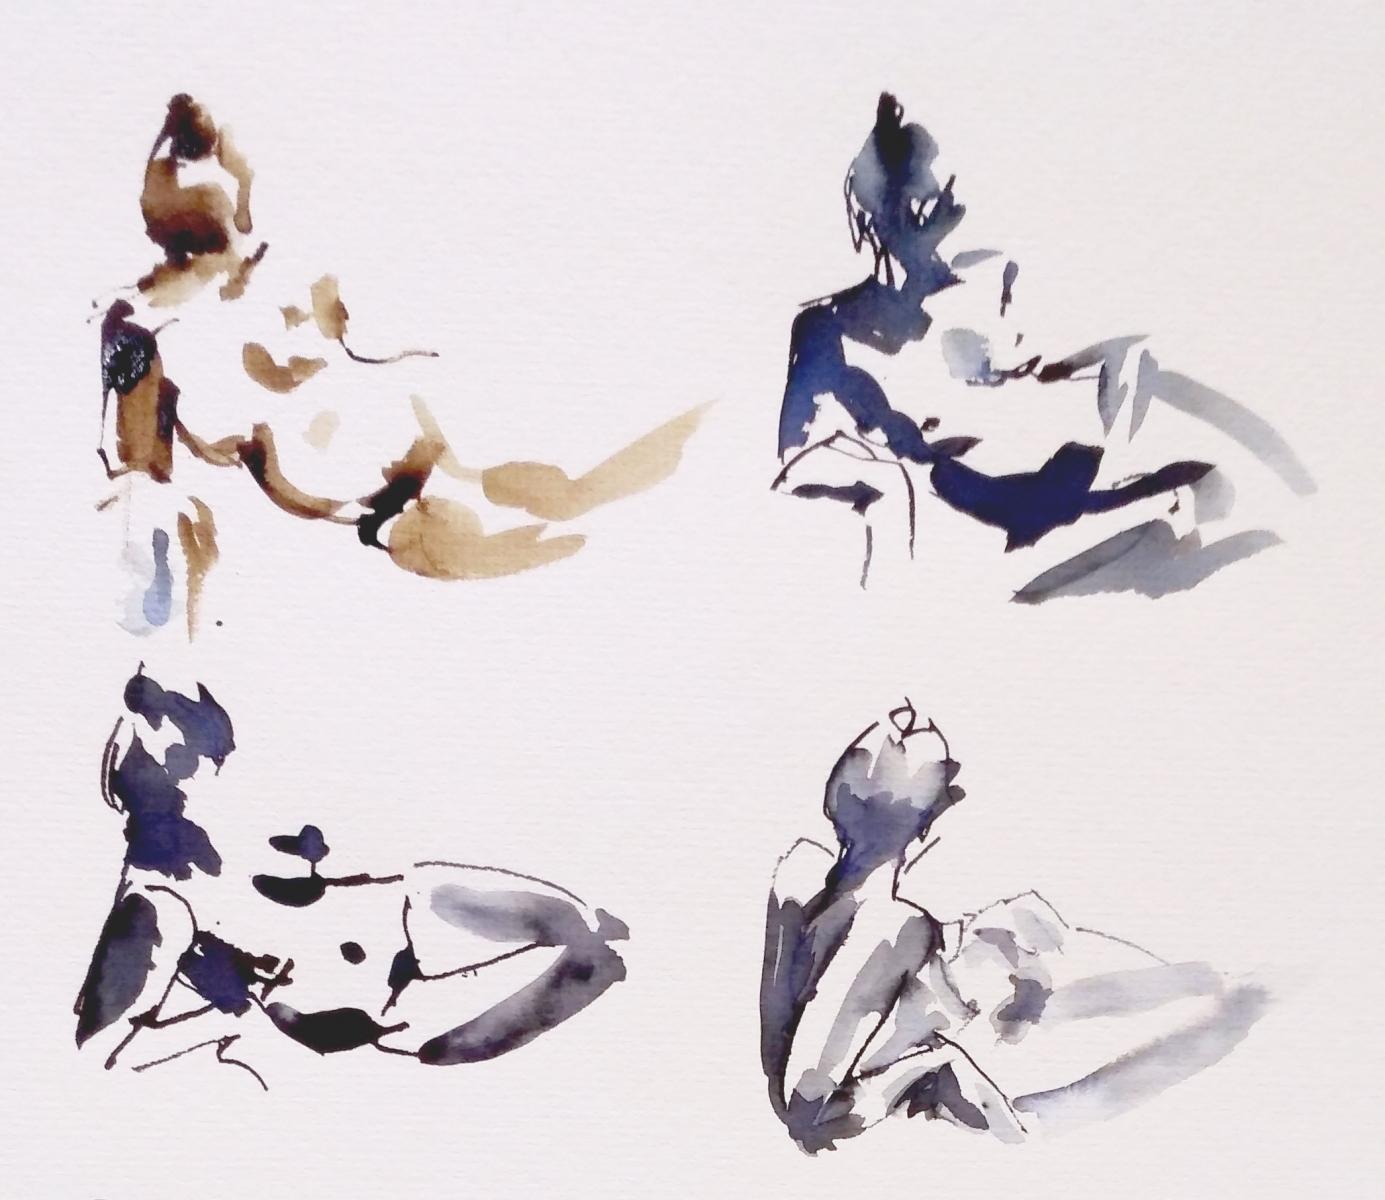 Natalie Doubrovski - Life Drawing 1